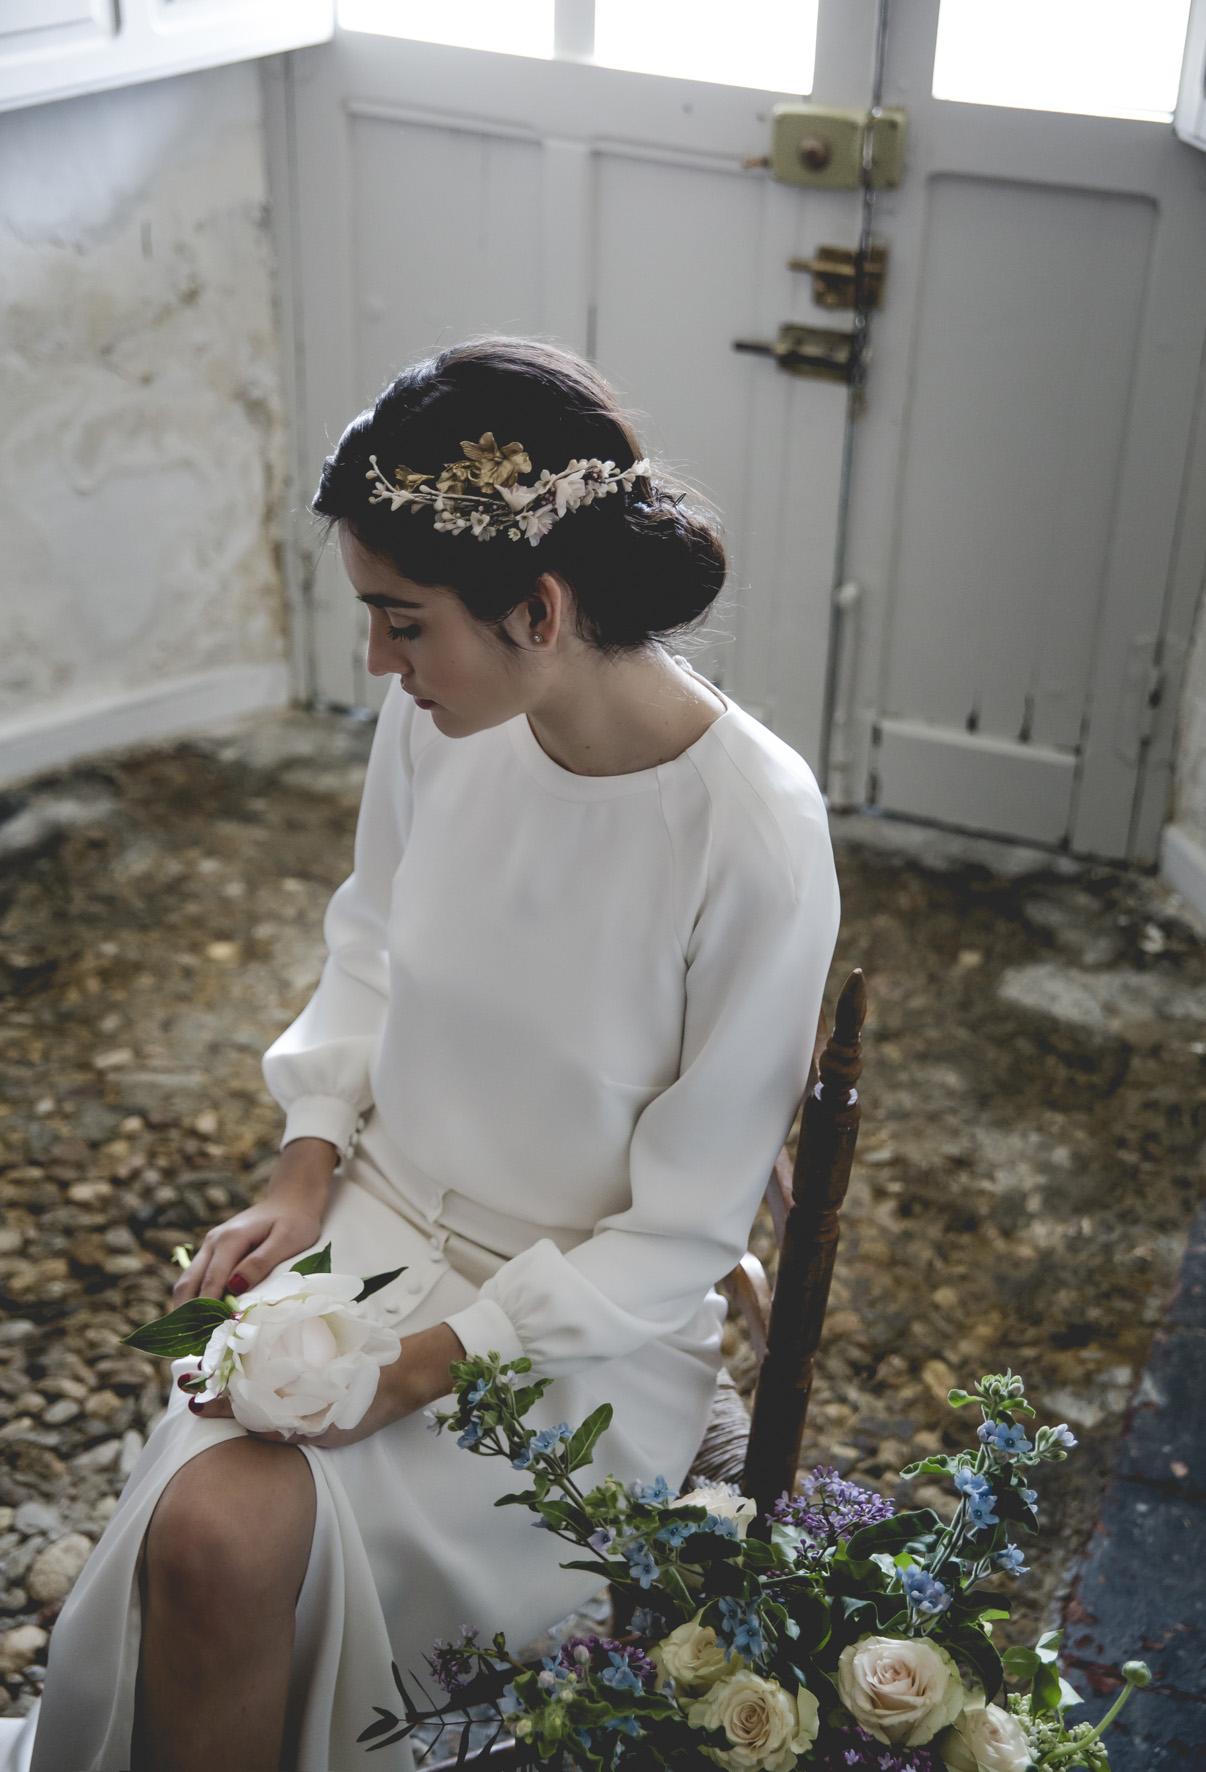 alejandra-svarc-patriciasemir37